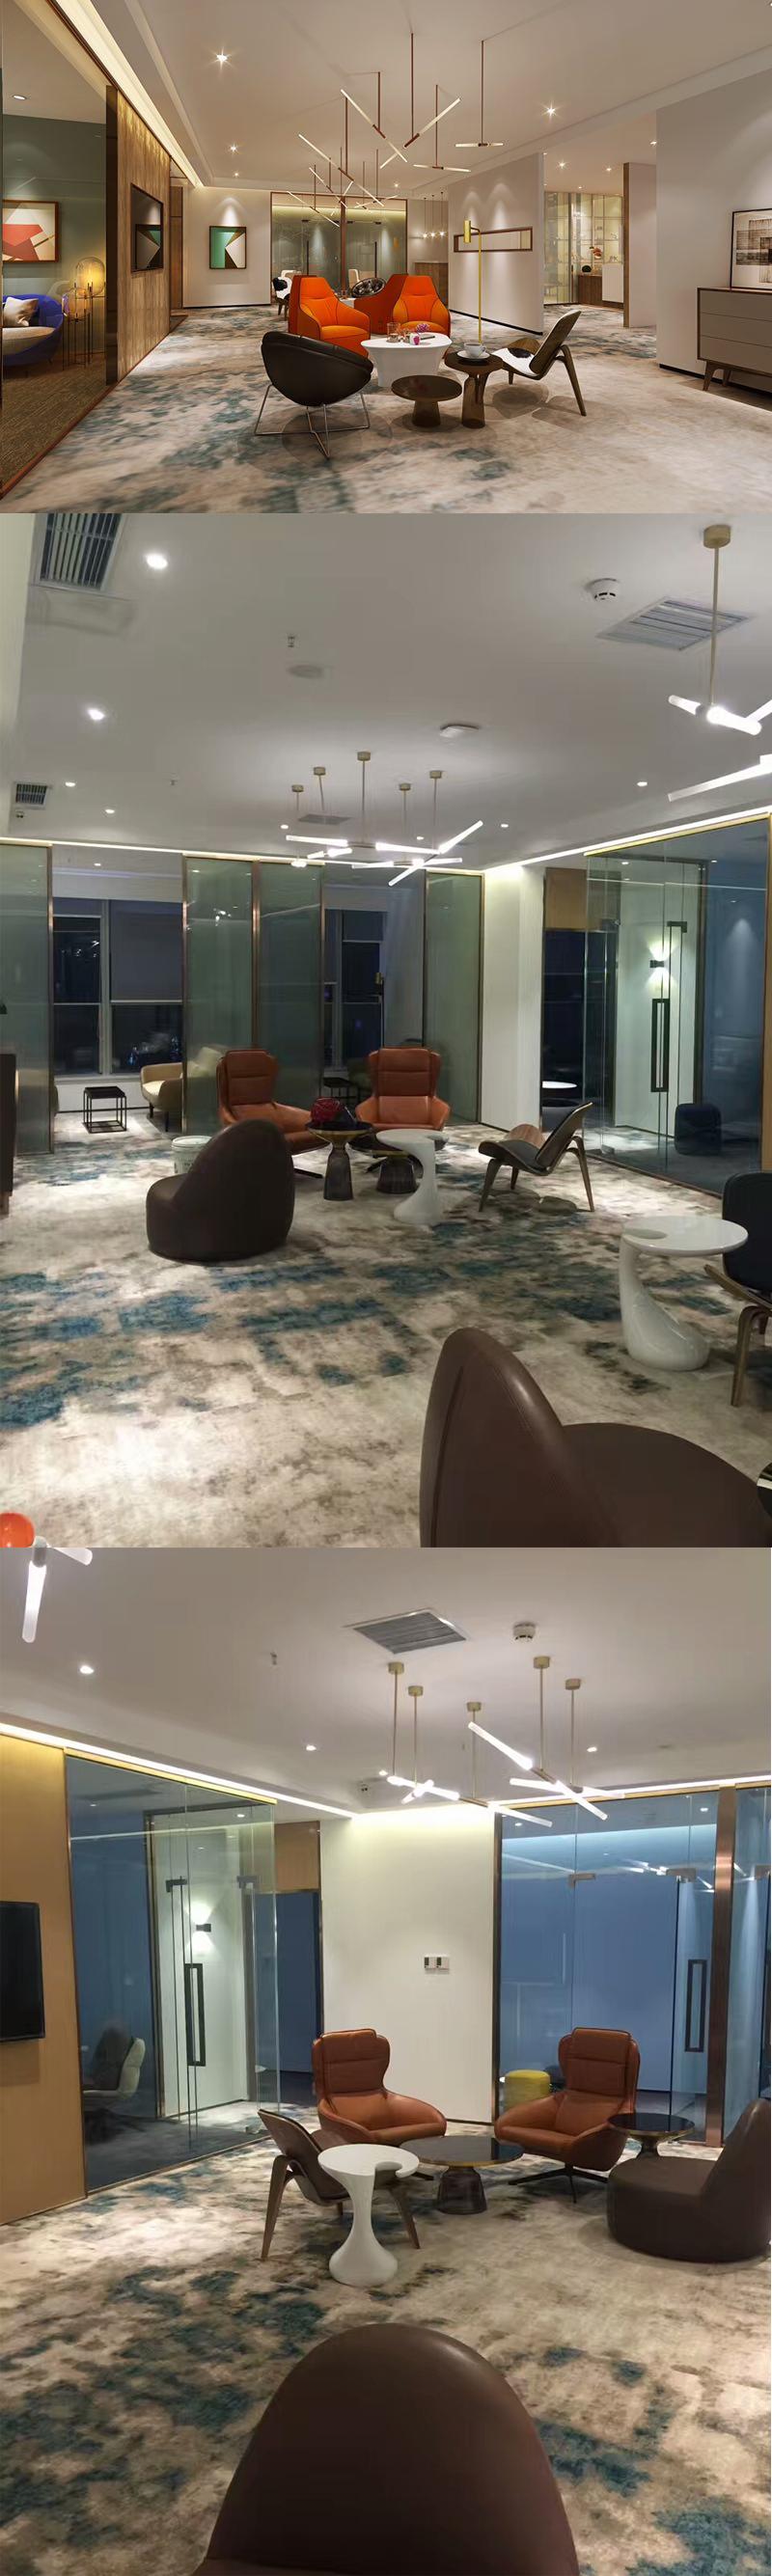 百合网办公室办公地毯铺设